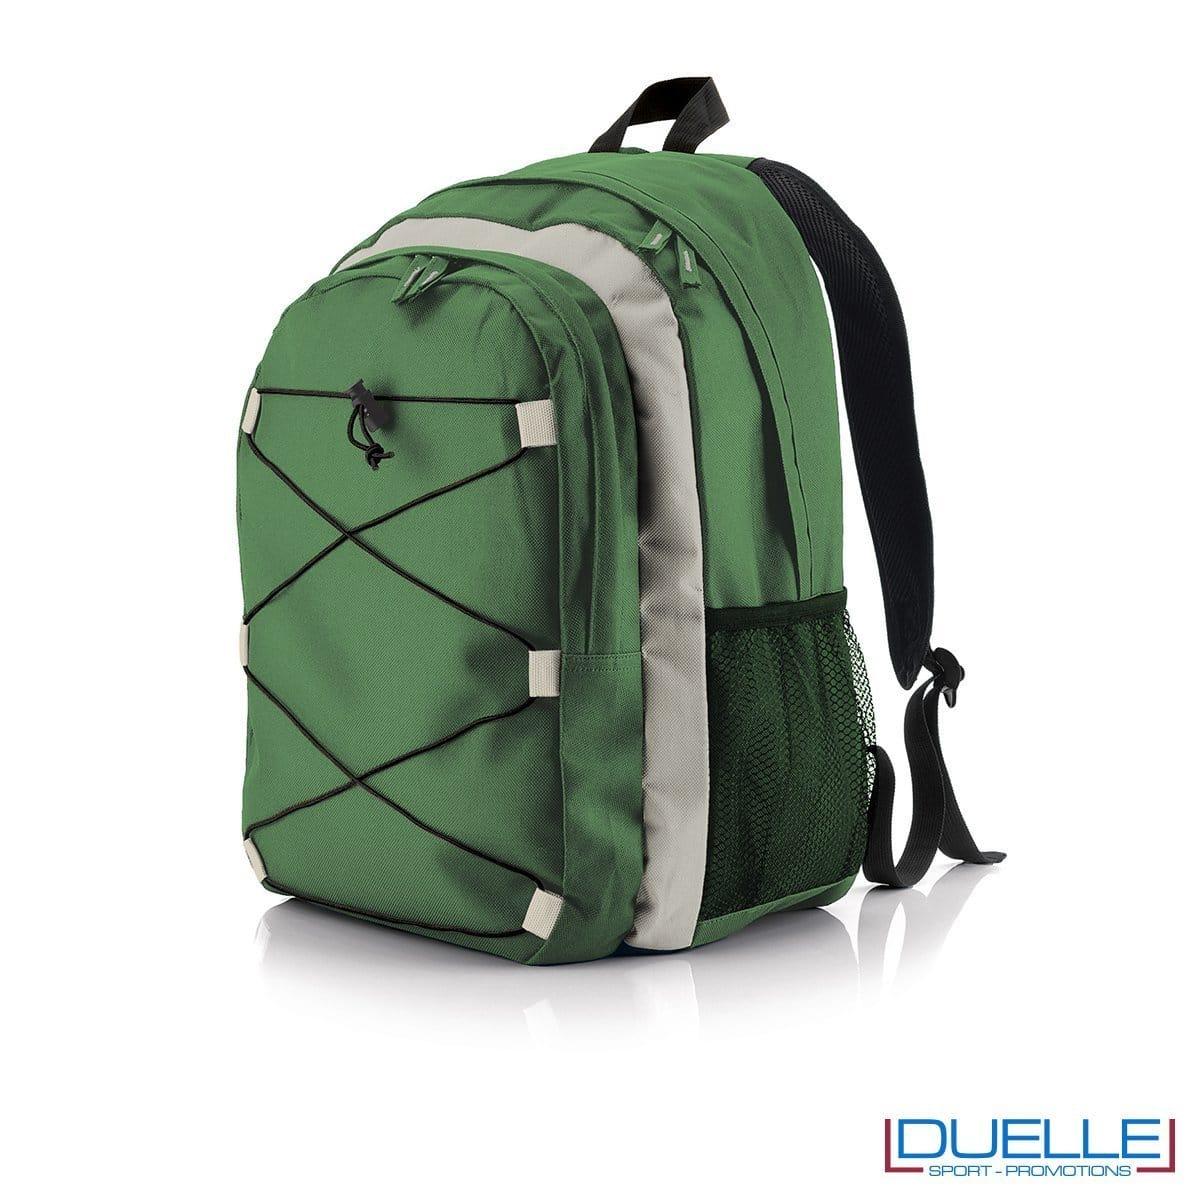 zaino personalizzato montagna colore verde, gadget sport trekking. Zaino tipo north face